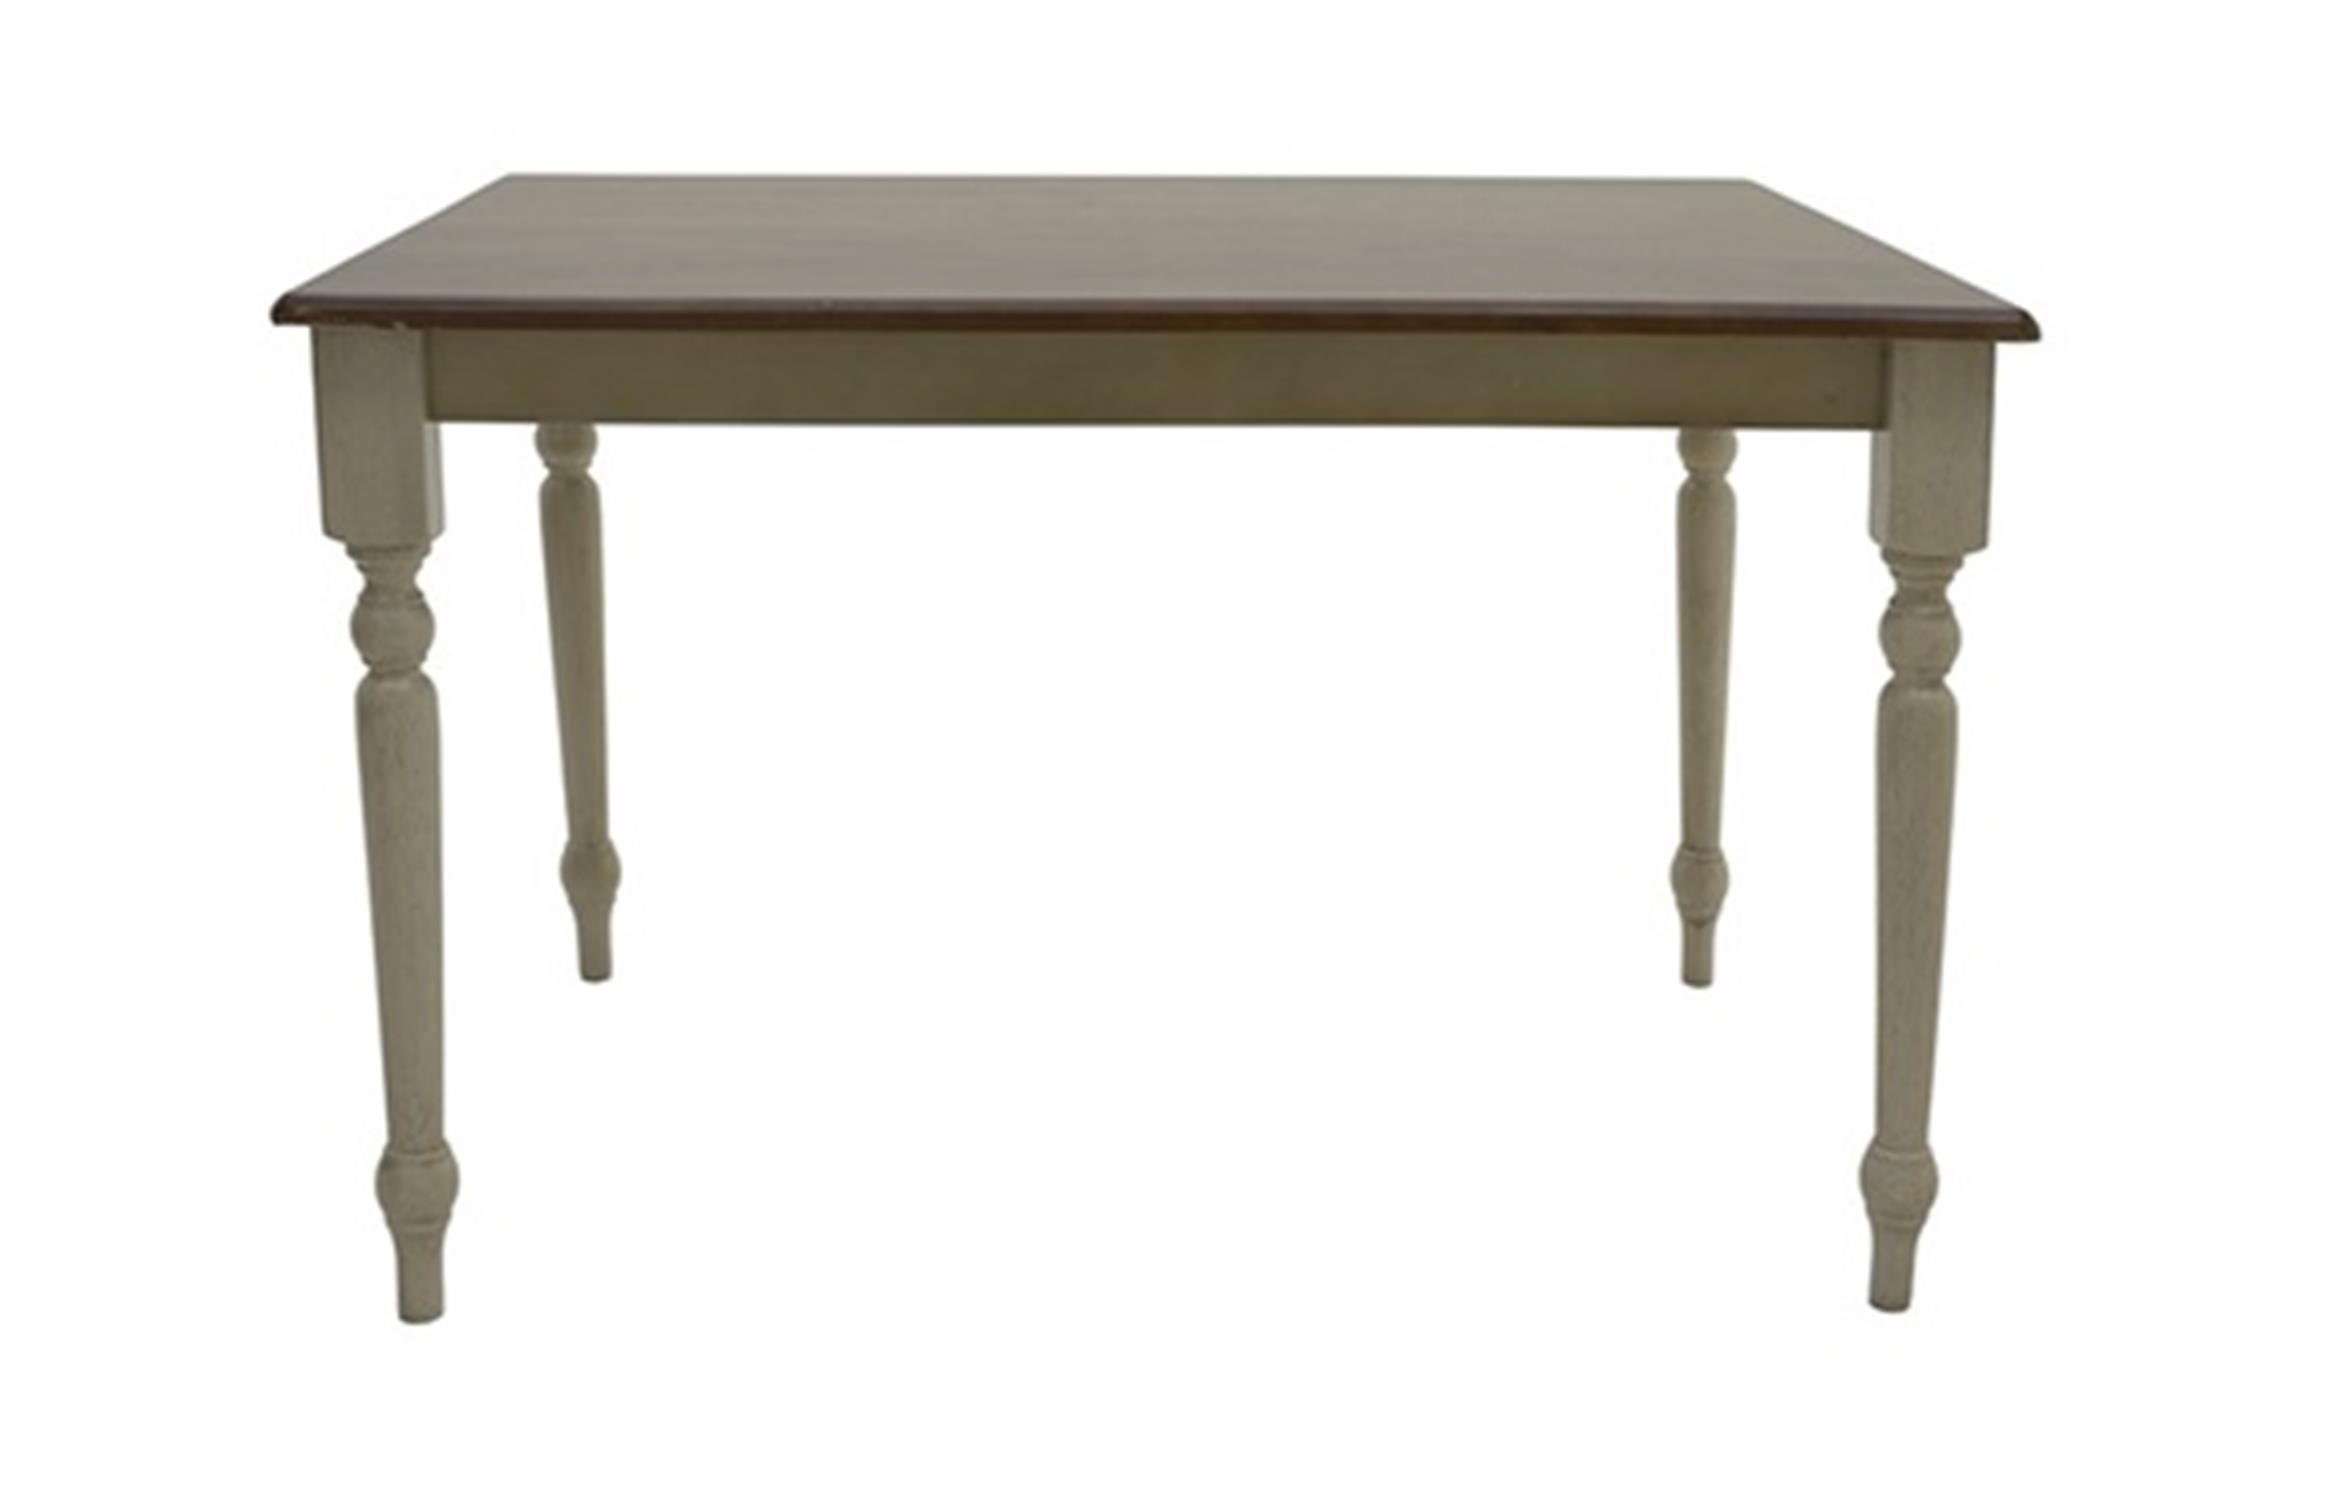 Τραπέζι Oslo ξύλινο decape κρεμ/καφέ 150x90x75cm Home Plus 02.01.0080